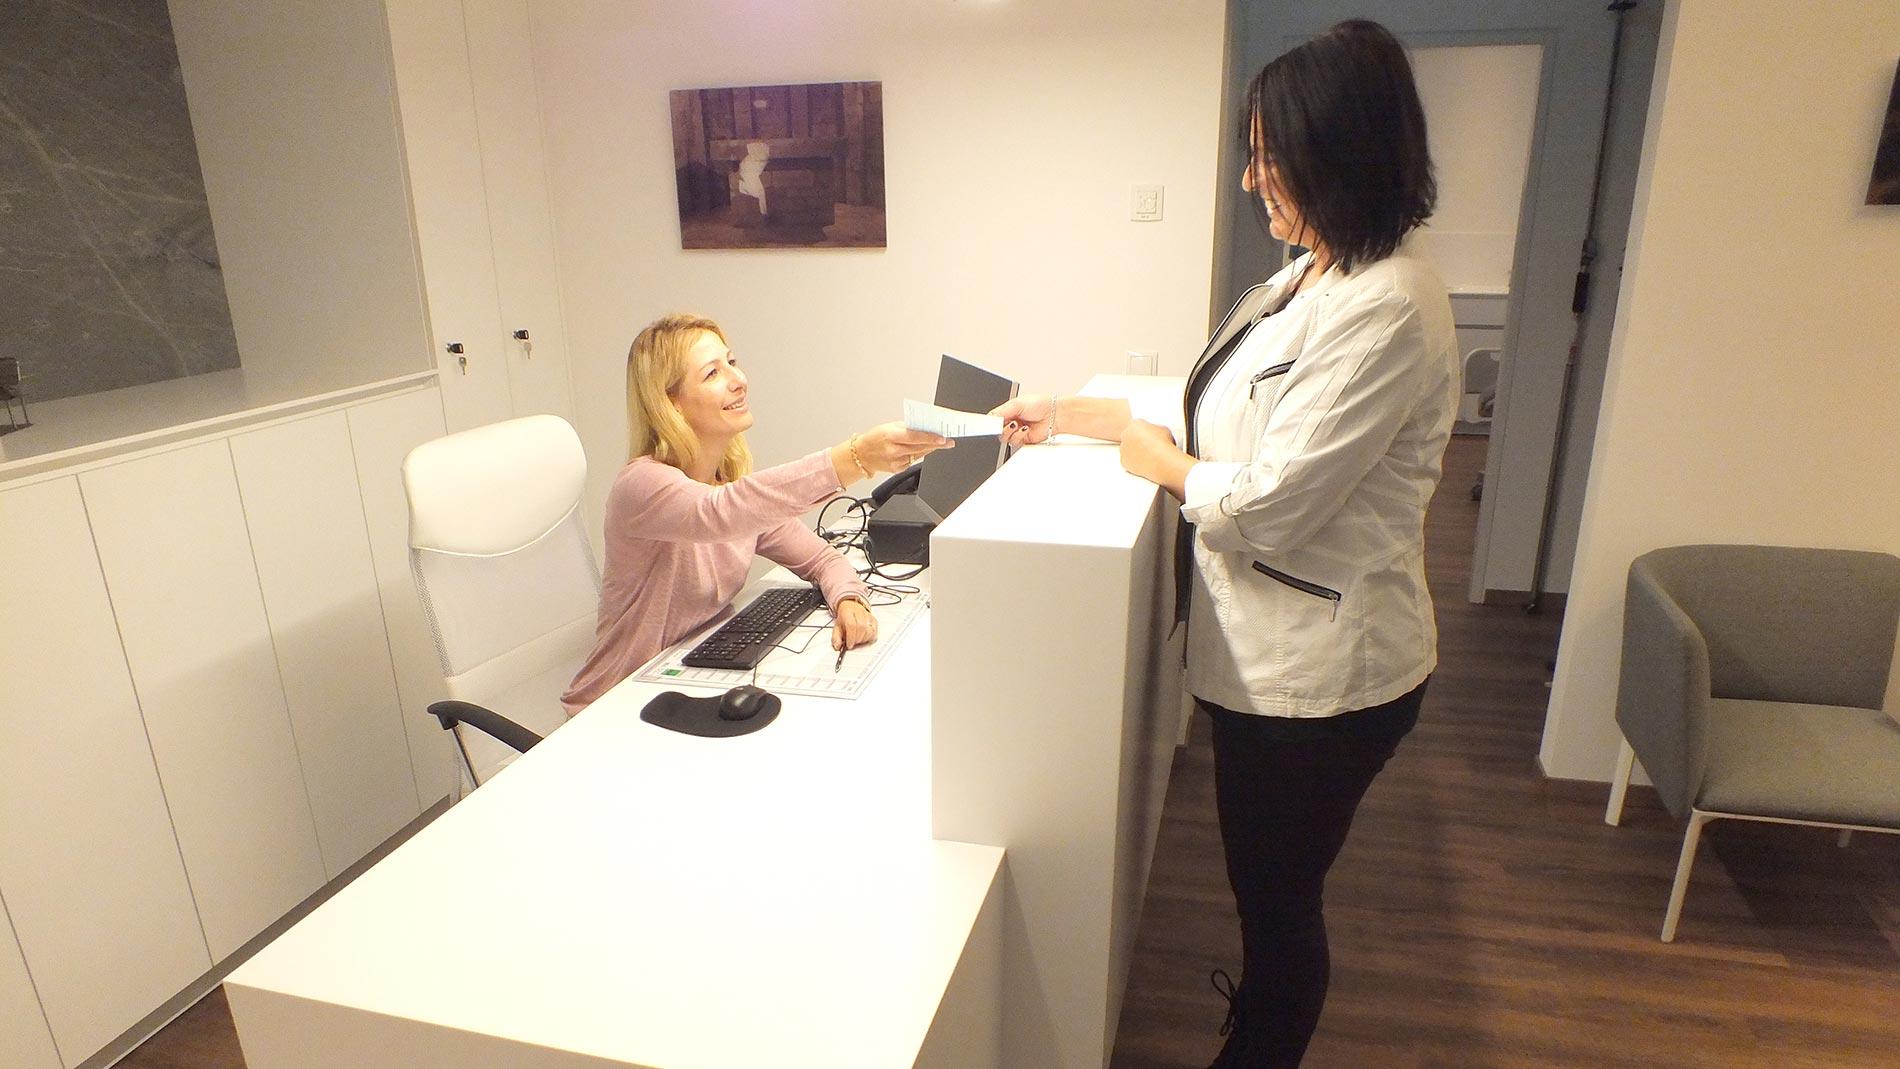 Dr-Christina-Karosin-Fachärztin-für-Neurologie-Behandlung_02